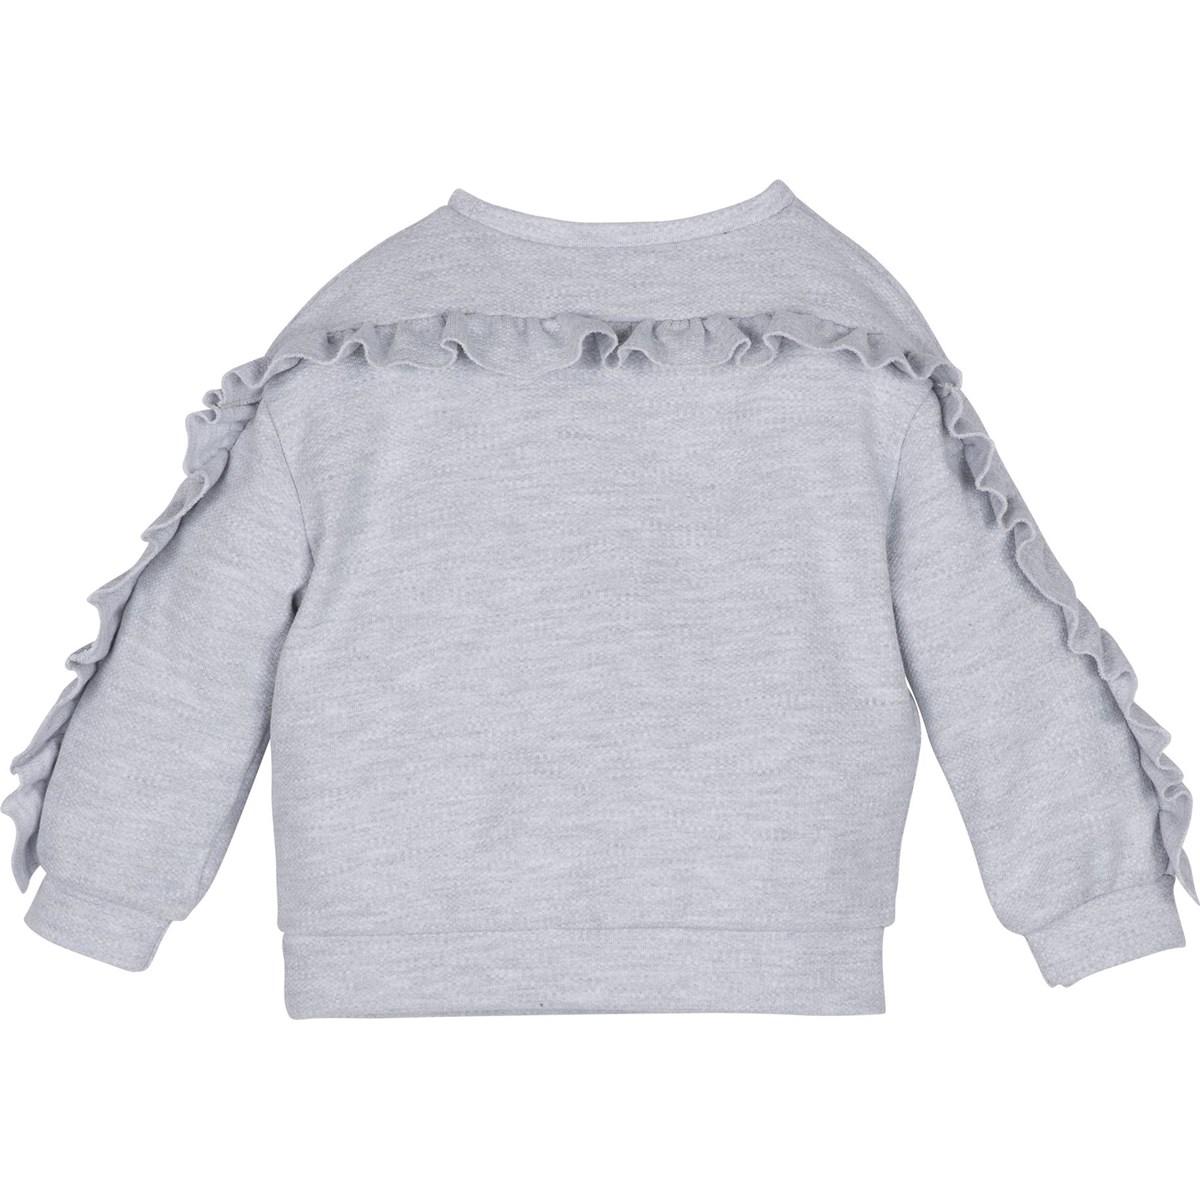 12393  Sweatshirt 2